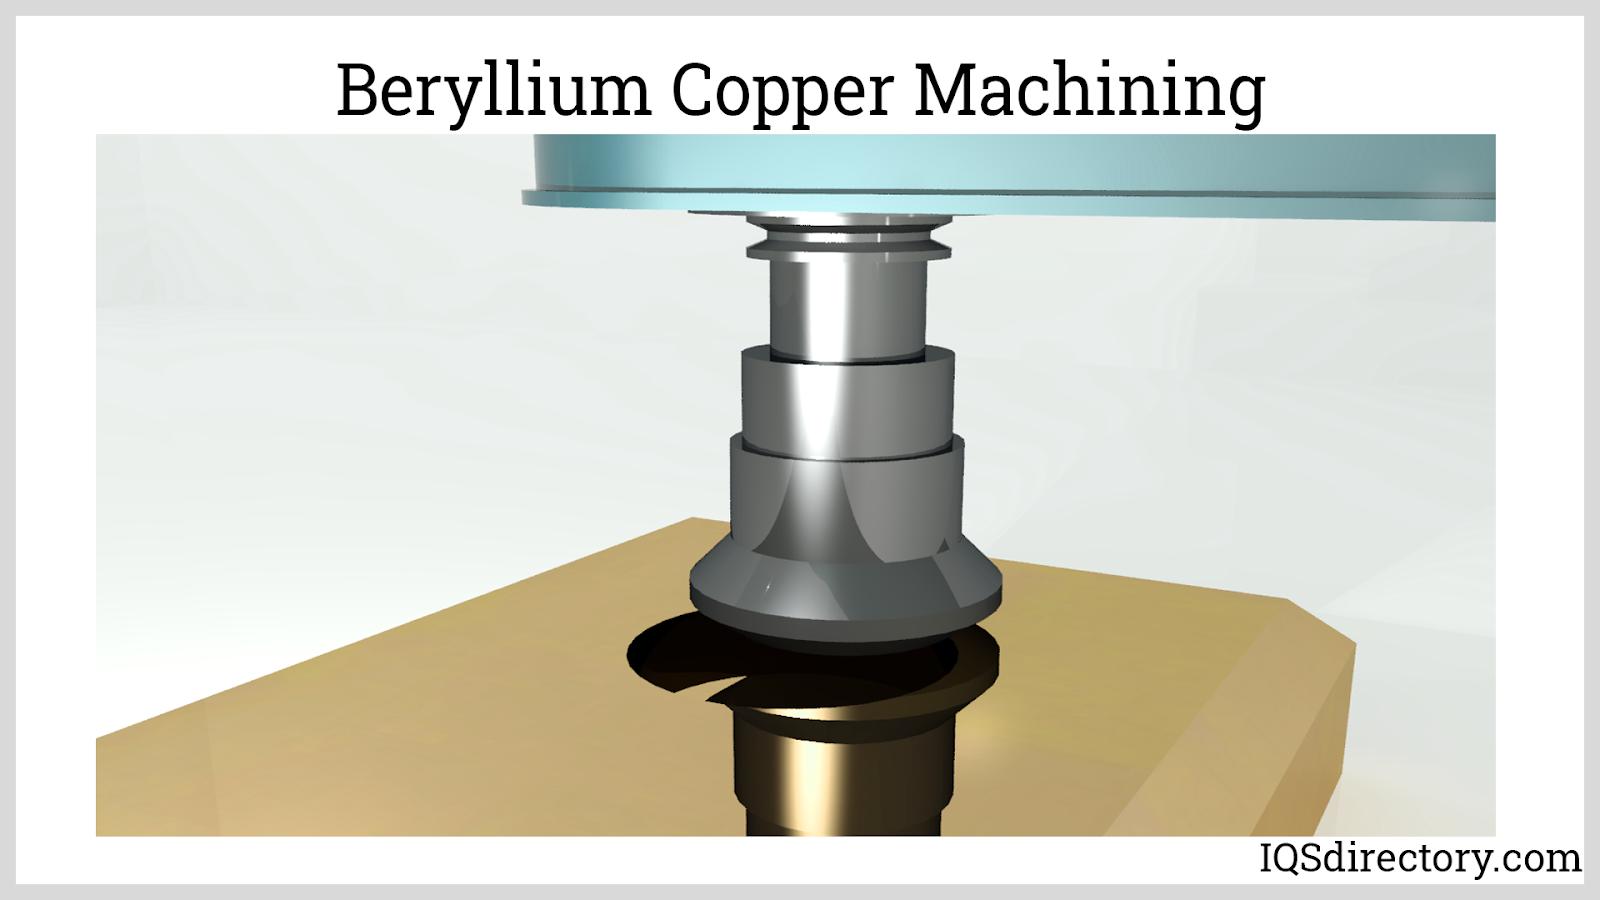 Beryllium Copper Machining